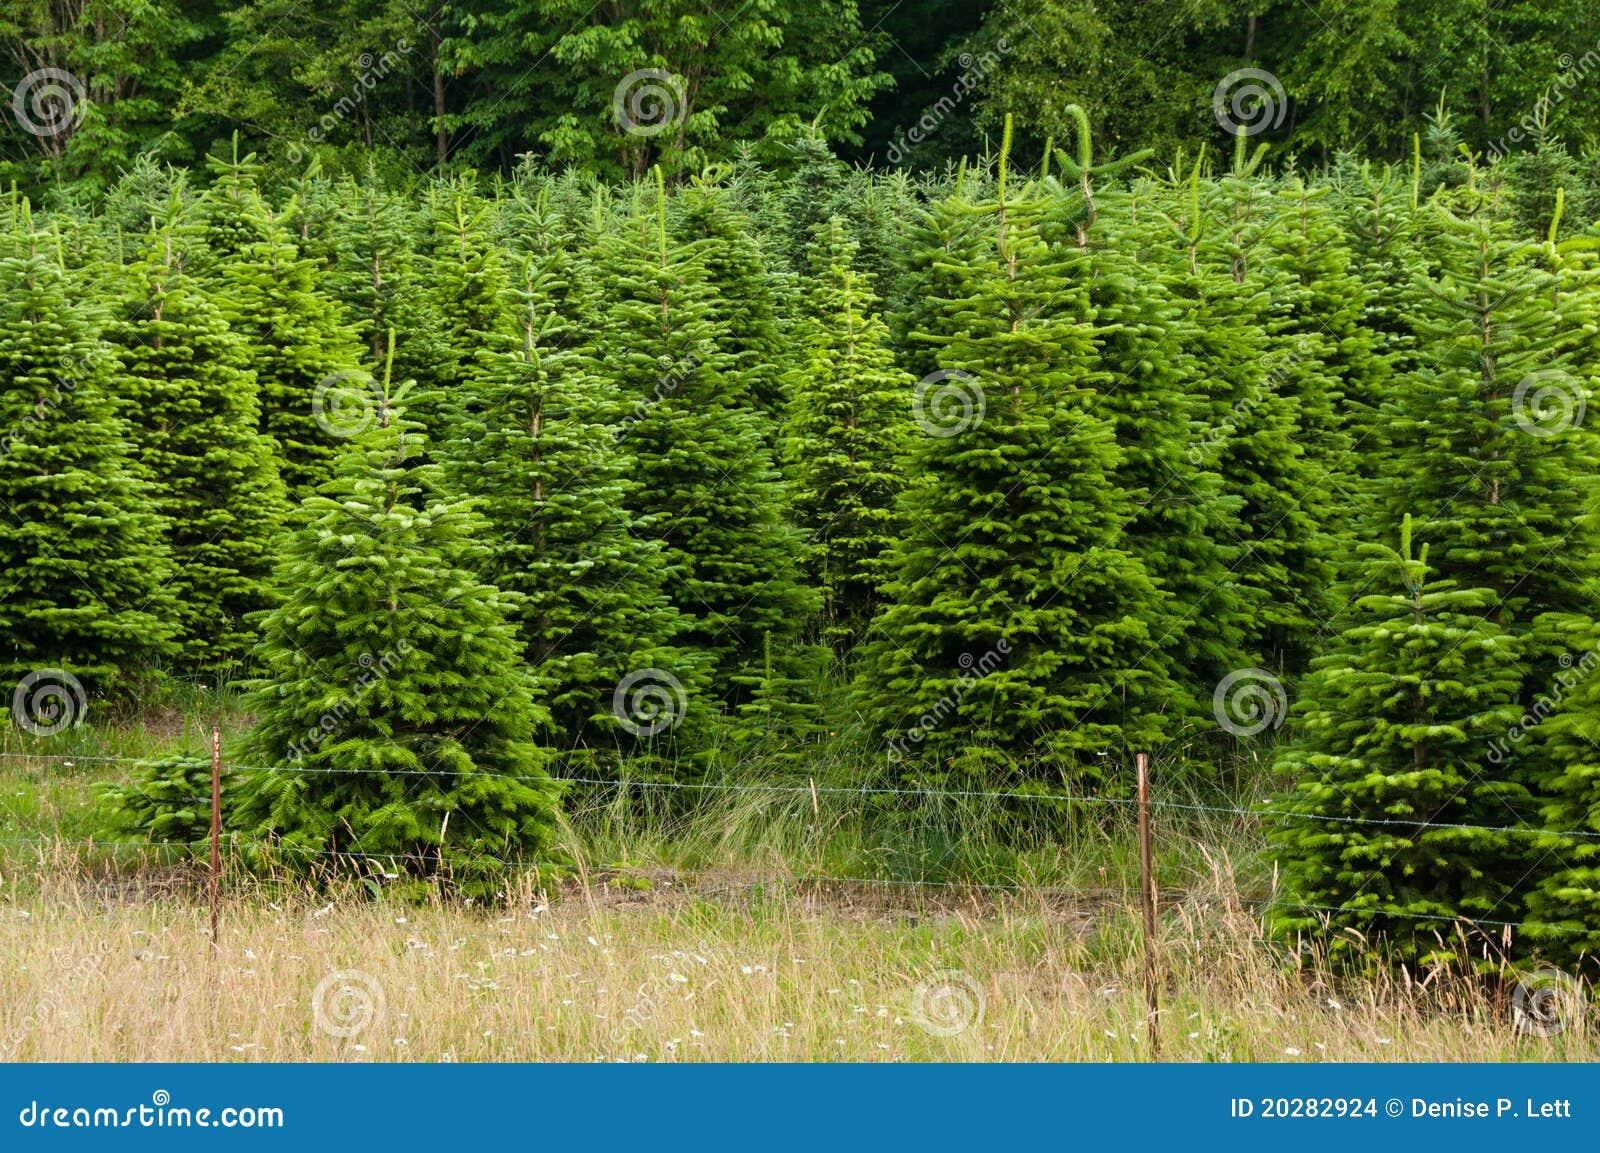 Christmas Tree Farm Michigan